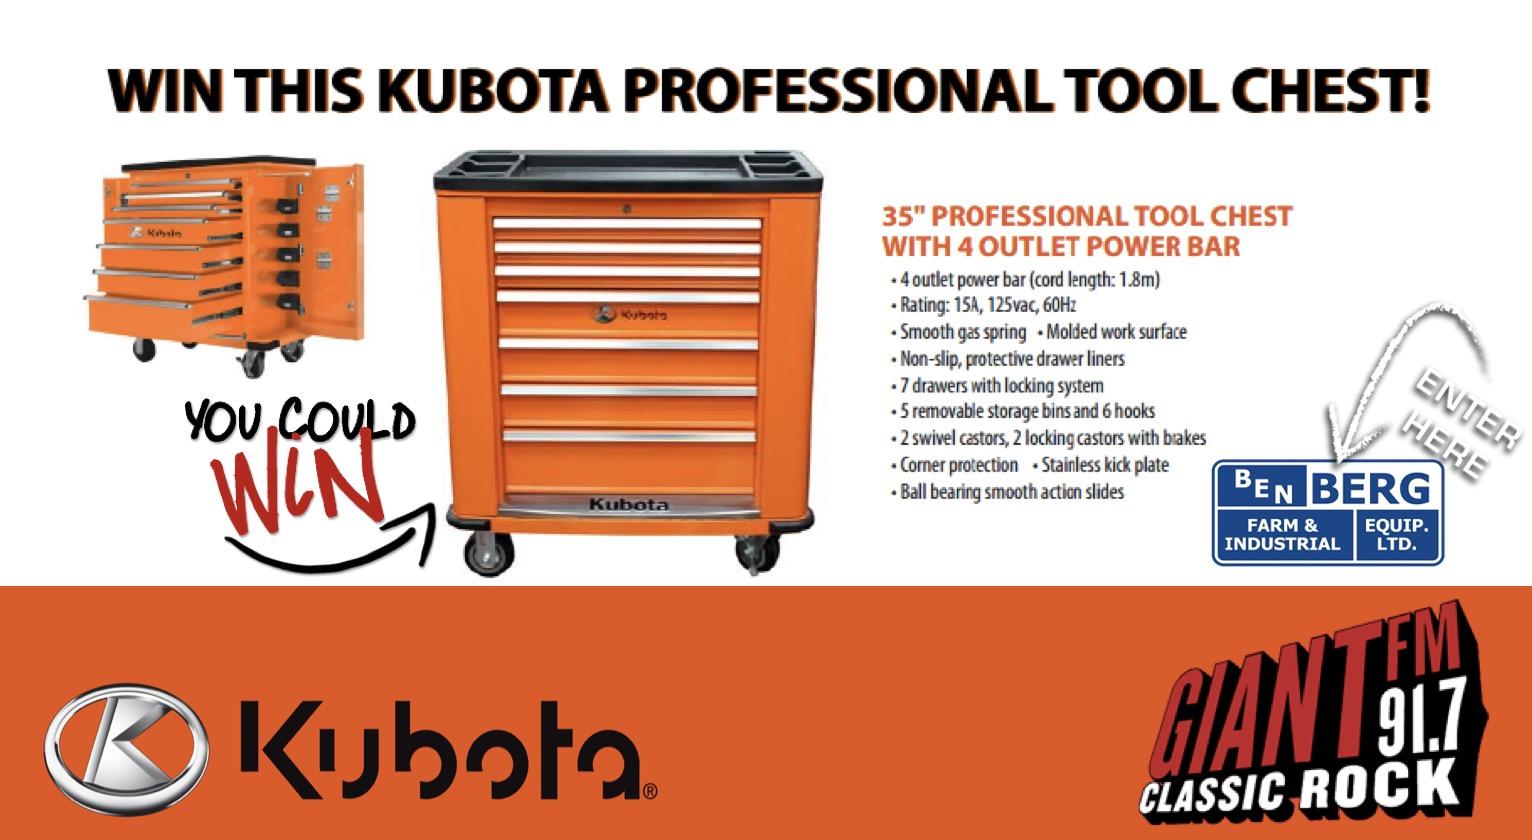 KUBOTA Tool Box Giveaway this Saturday at Ben Berg!